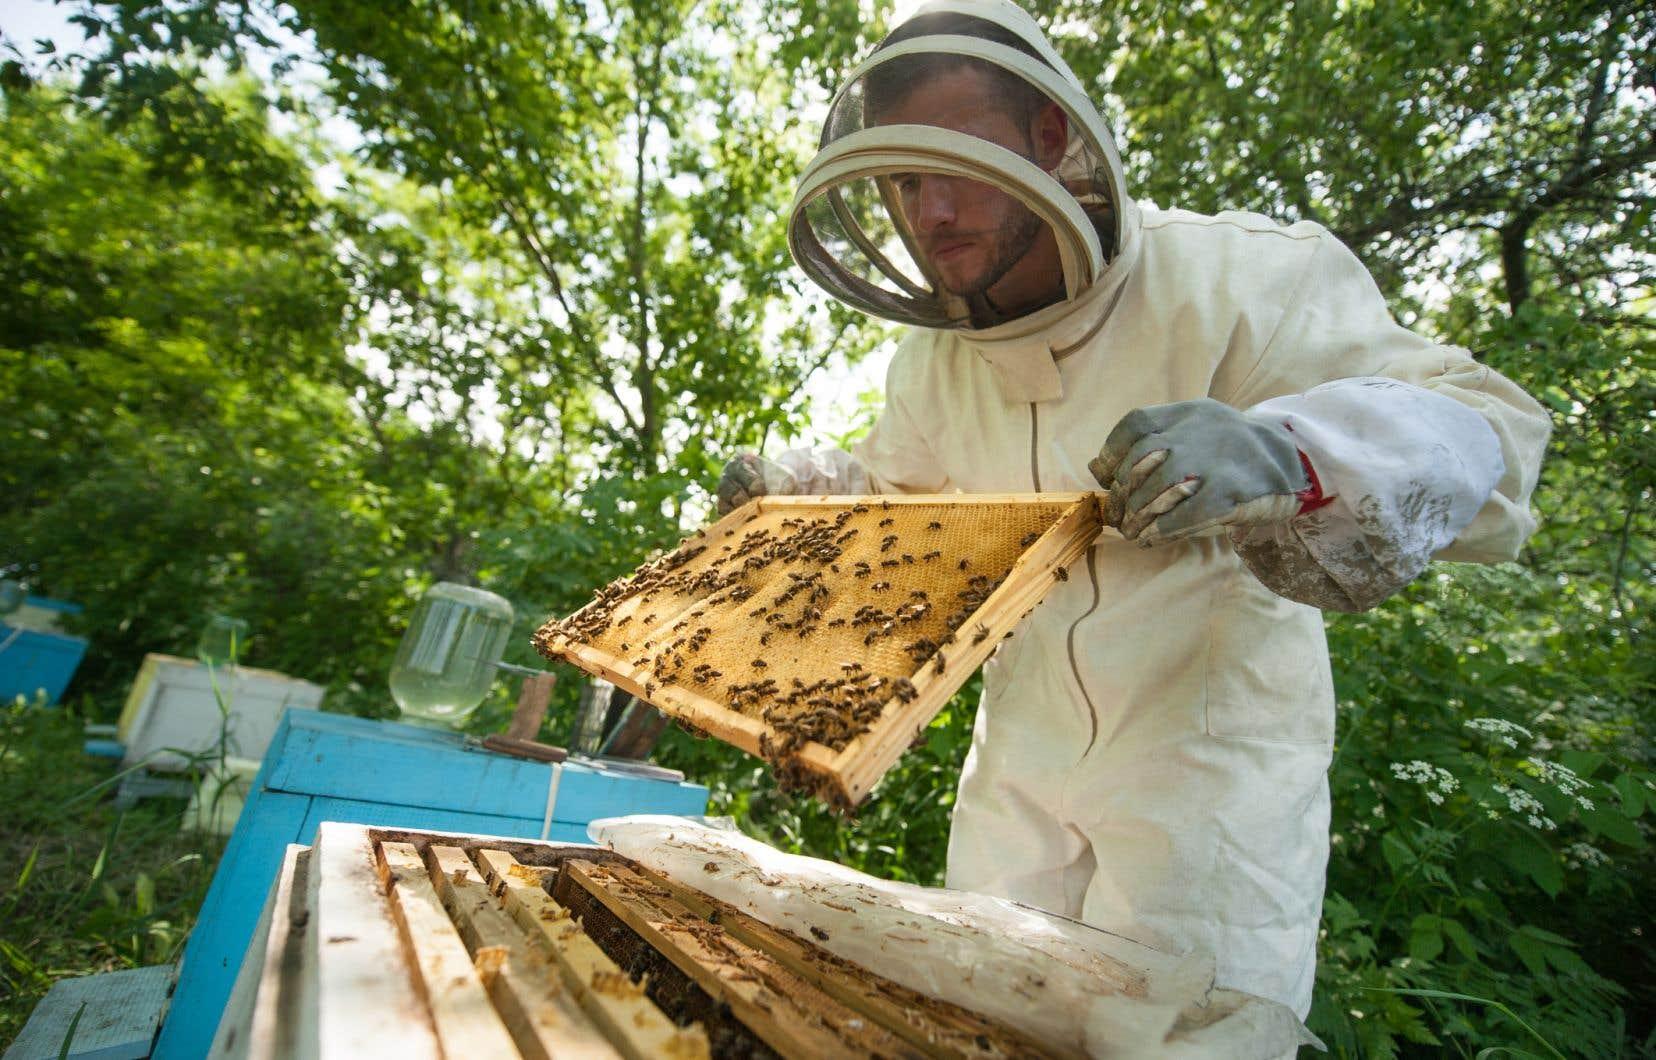 Certains pesticides sont en train de décimer les colonies d'abeilles dans tout le pays, selon des groupes environnementaux.